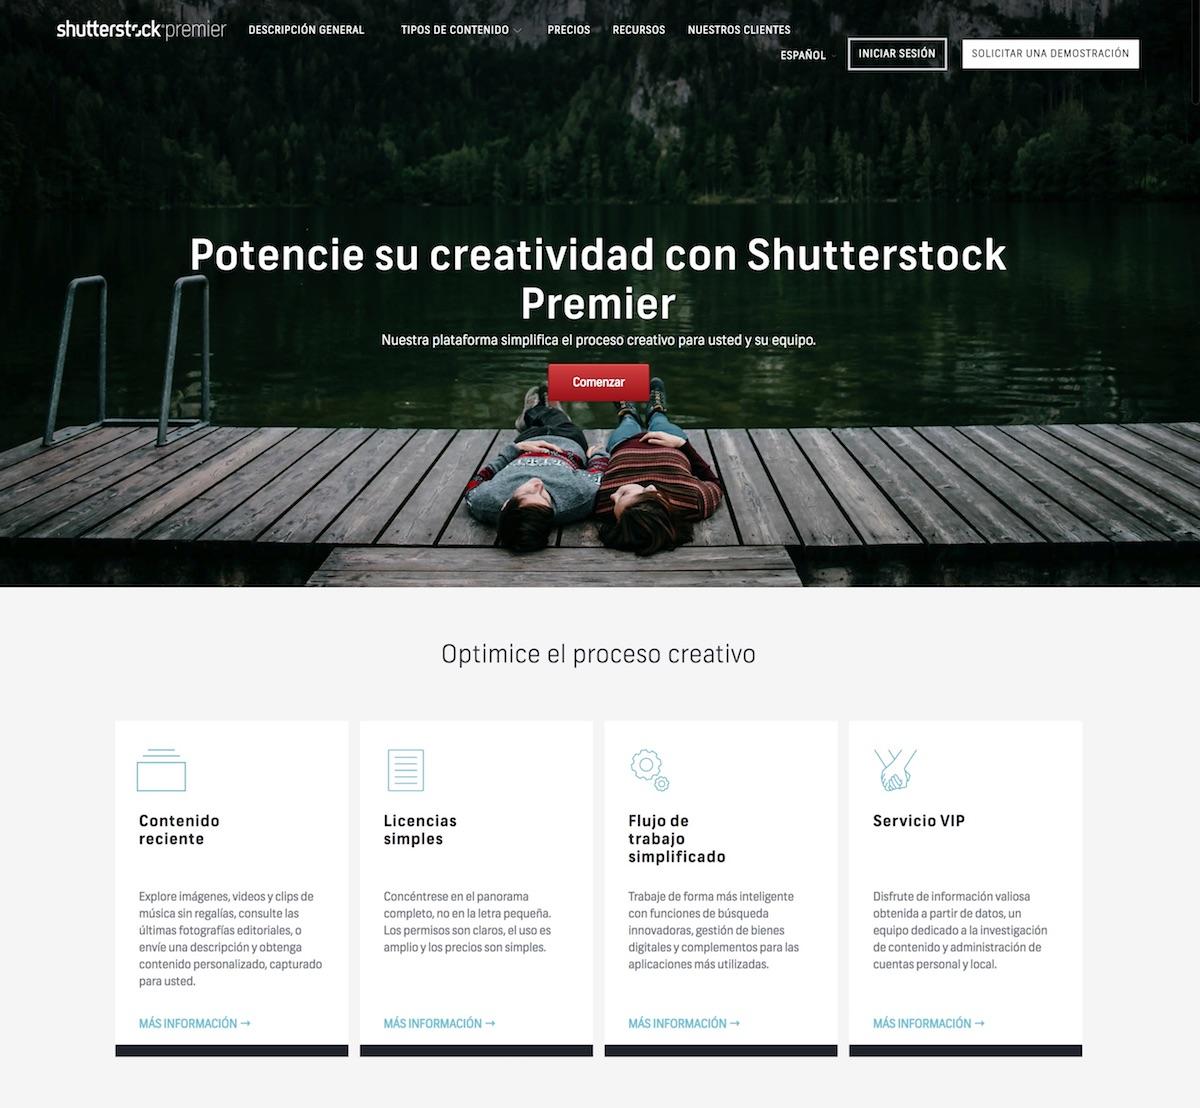 Shutterstock equipo